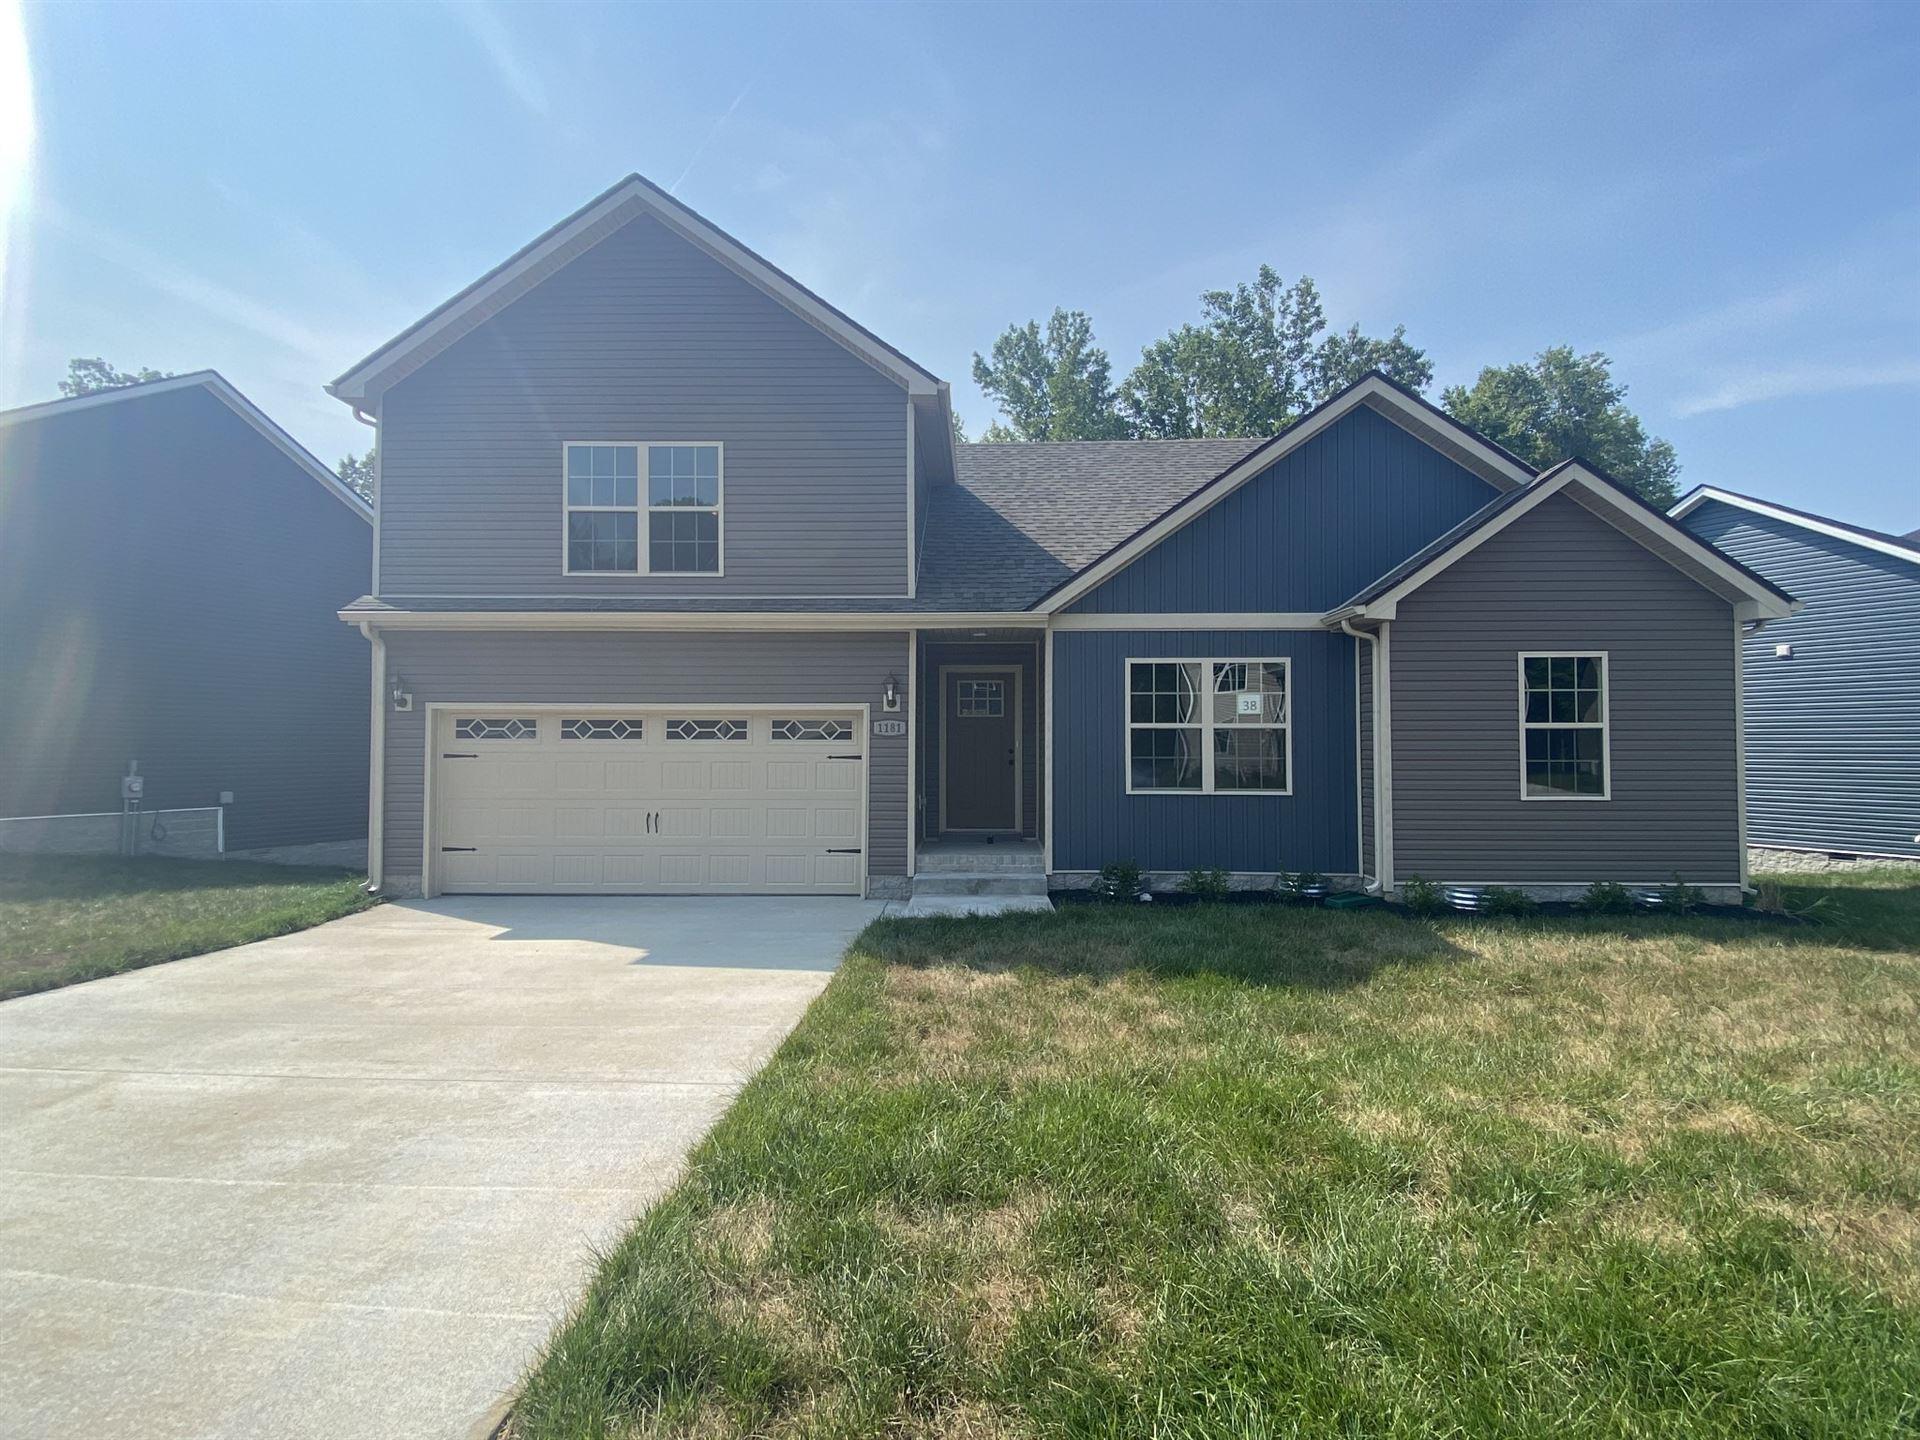 38 Woodland Hills, Clarksville, TN 37043 - MLS#: 2240712